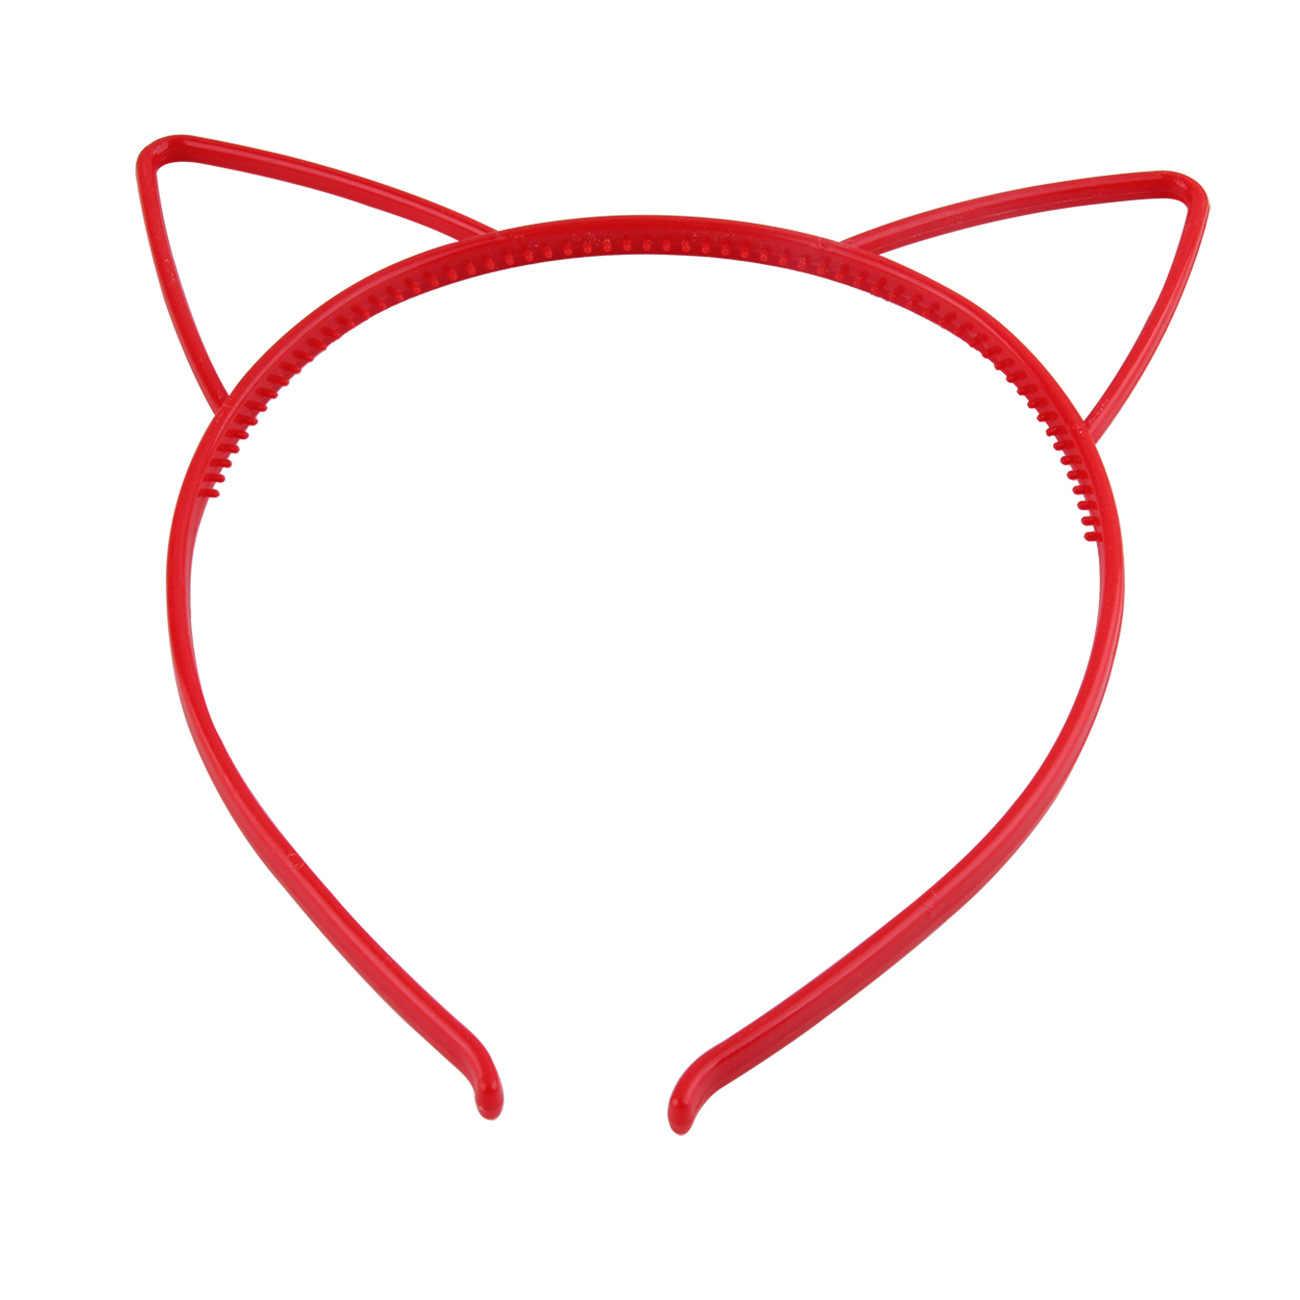 แมวหู Headbands มงกุฎเจ้าหญิง Tiara พลาสติกสัตว์ผีเสื้อ Bow Hoop อุปกรณ์เสริม Boho Headwear